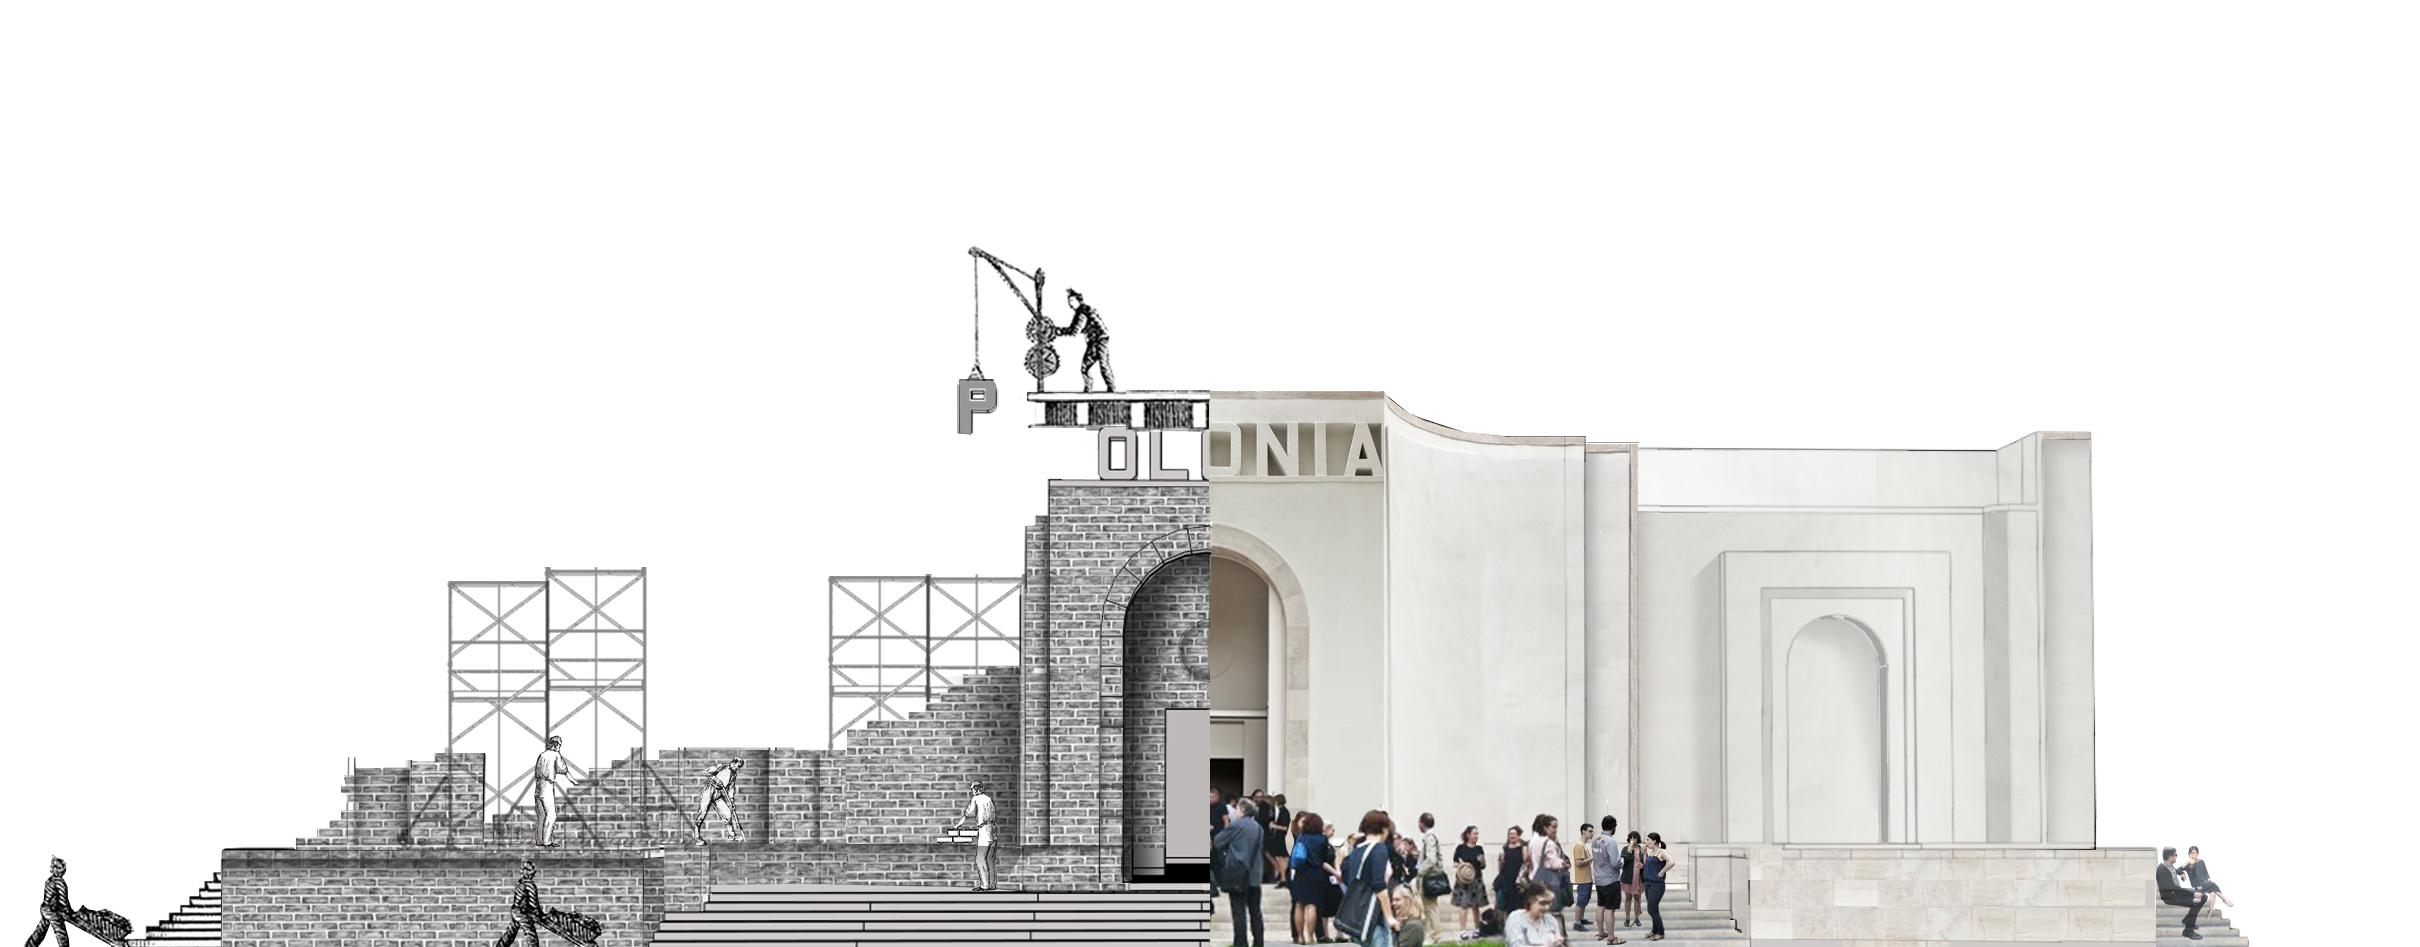 """Wizualizacja projektu """"Podwójna fasada"""", fot. dzięki uprzejmości Zachęty"""